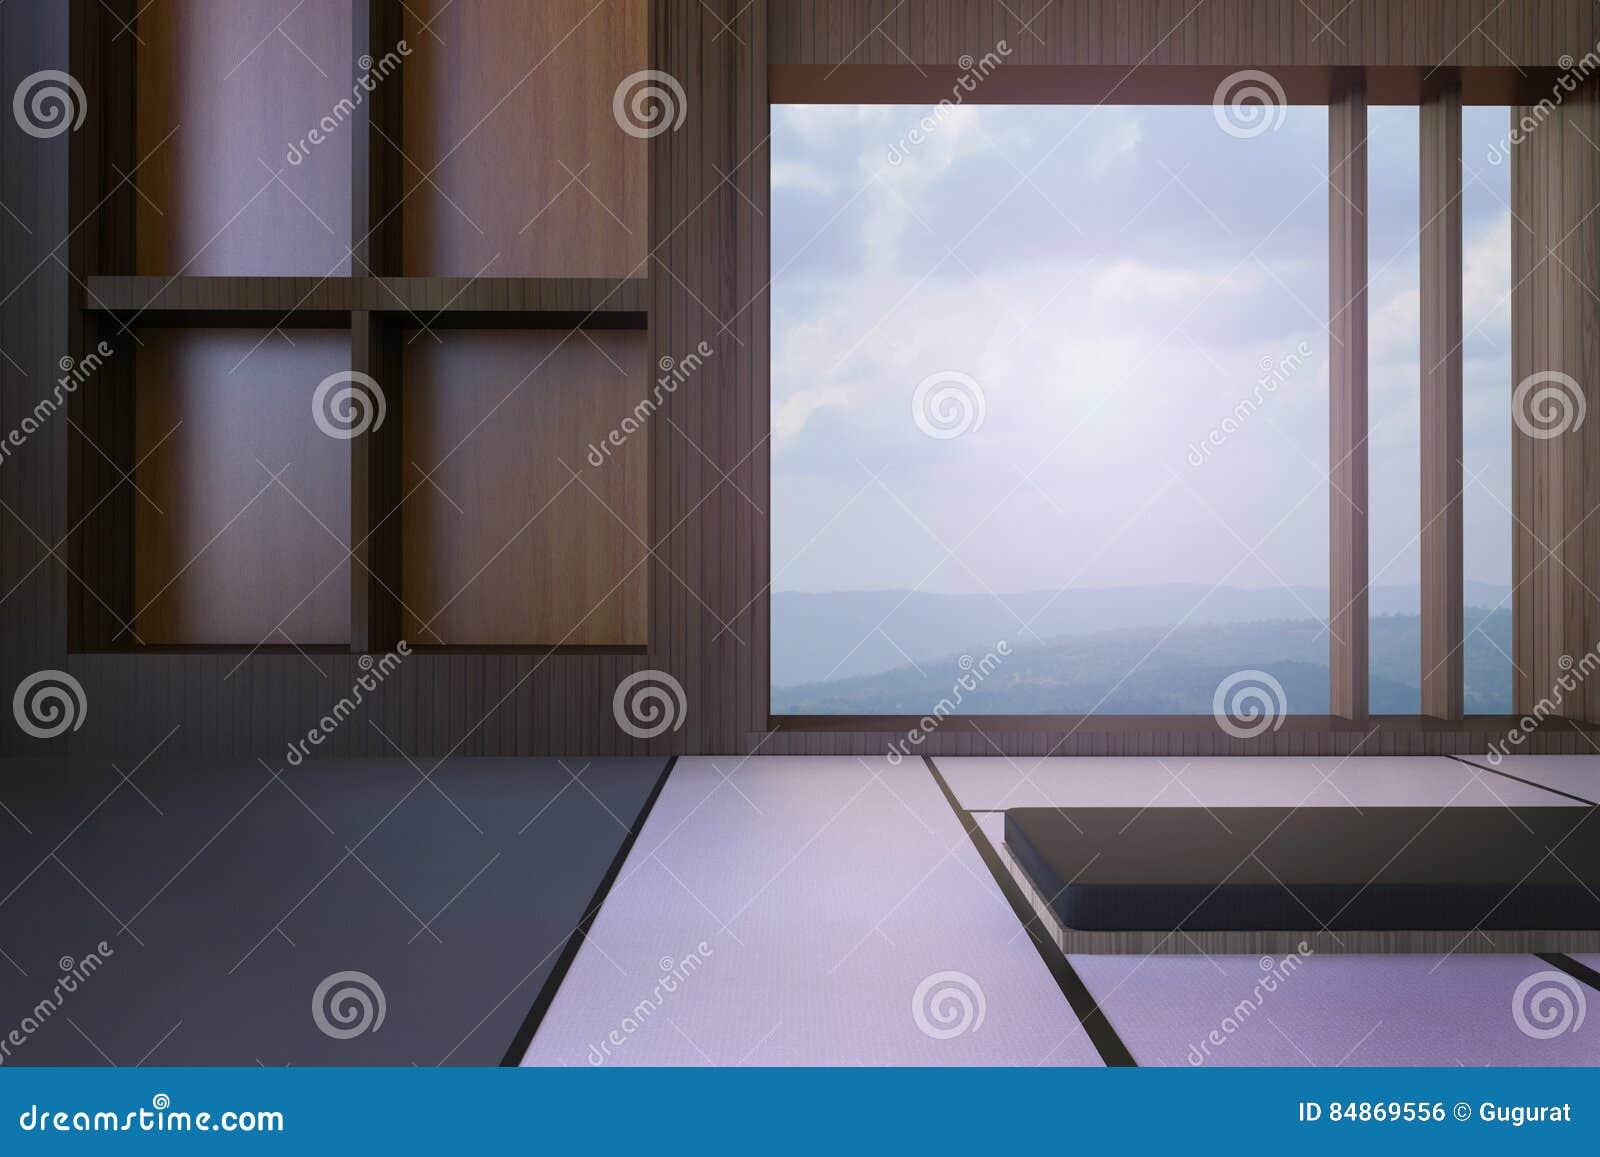 Einfaches modernes japanisches wohnzimmer und minimaler fensterrahmen und ansichten von bergen und von himmel